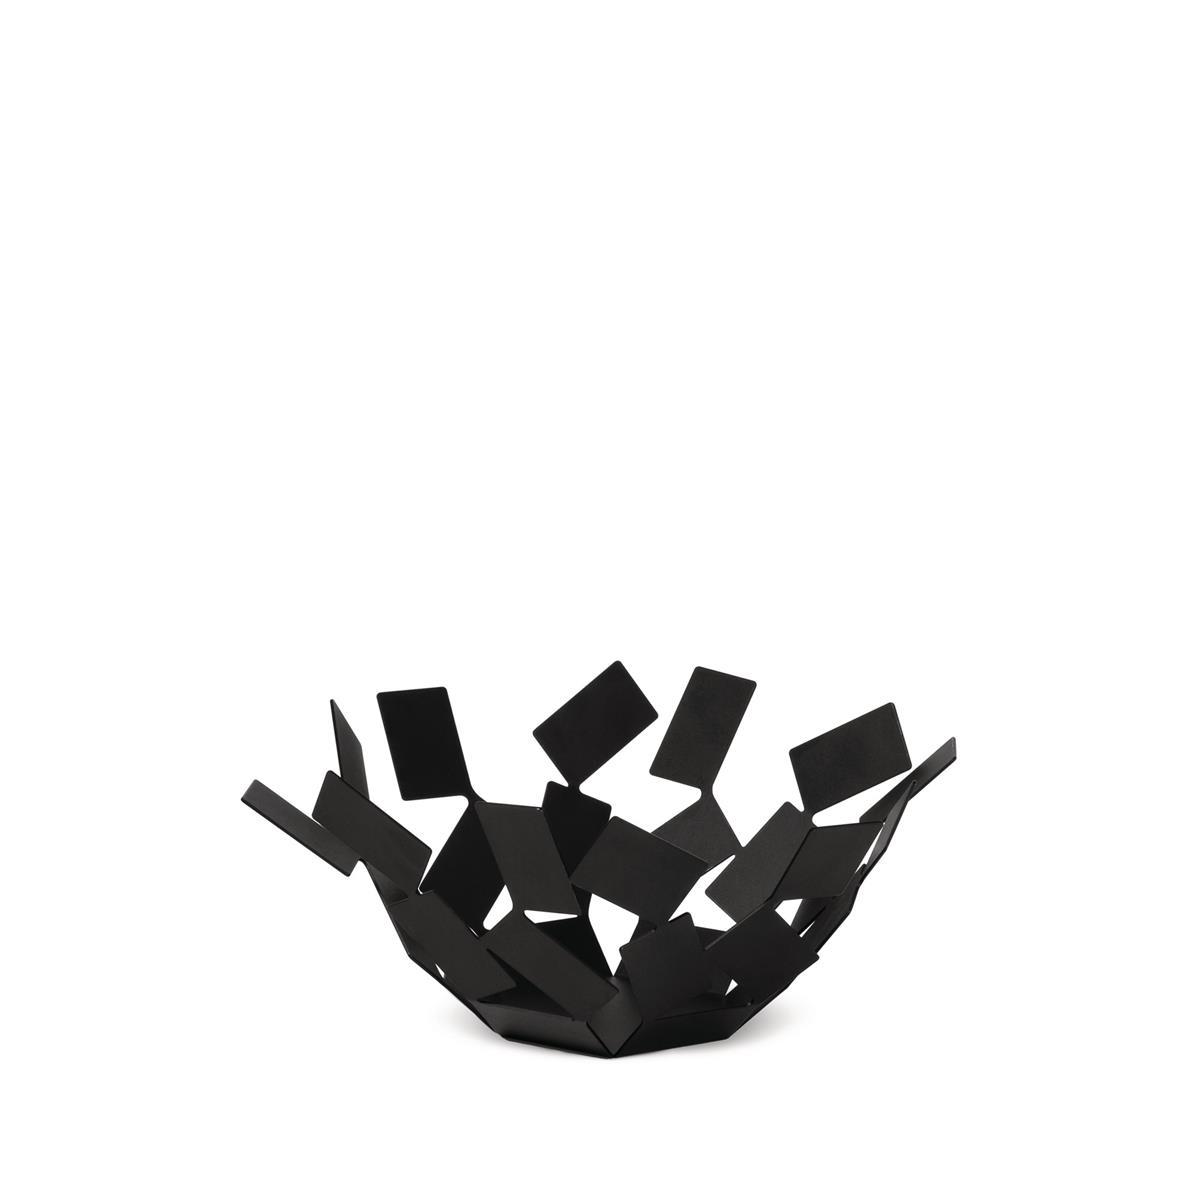 Alessi-La Stanza dello Scirocco Fruit bowl in colored steel and resin, black